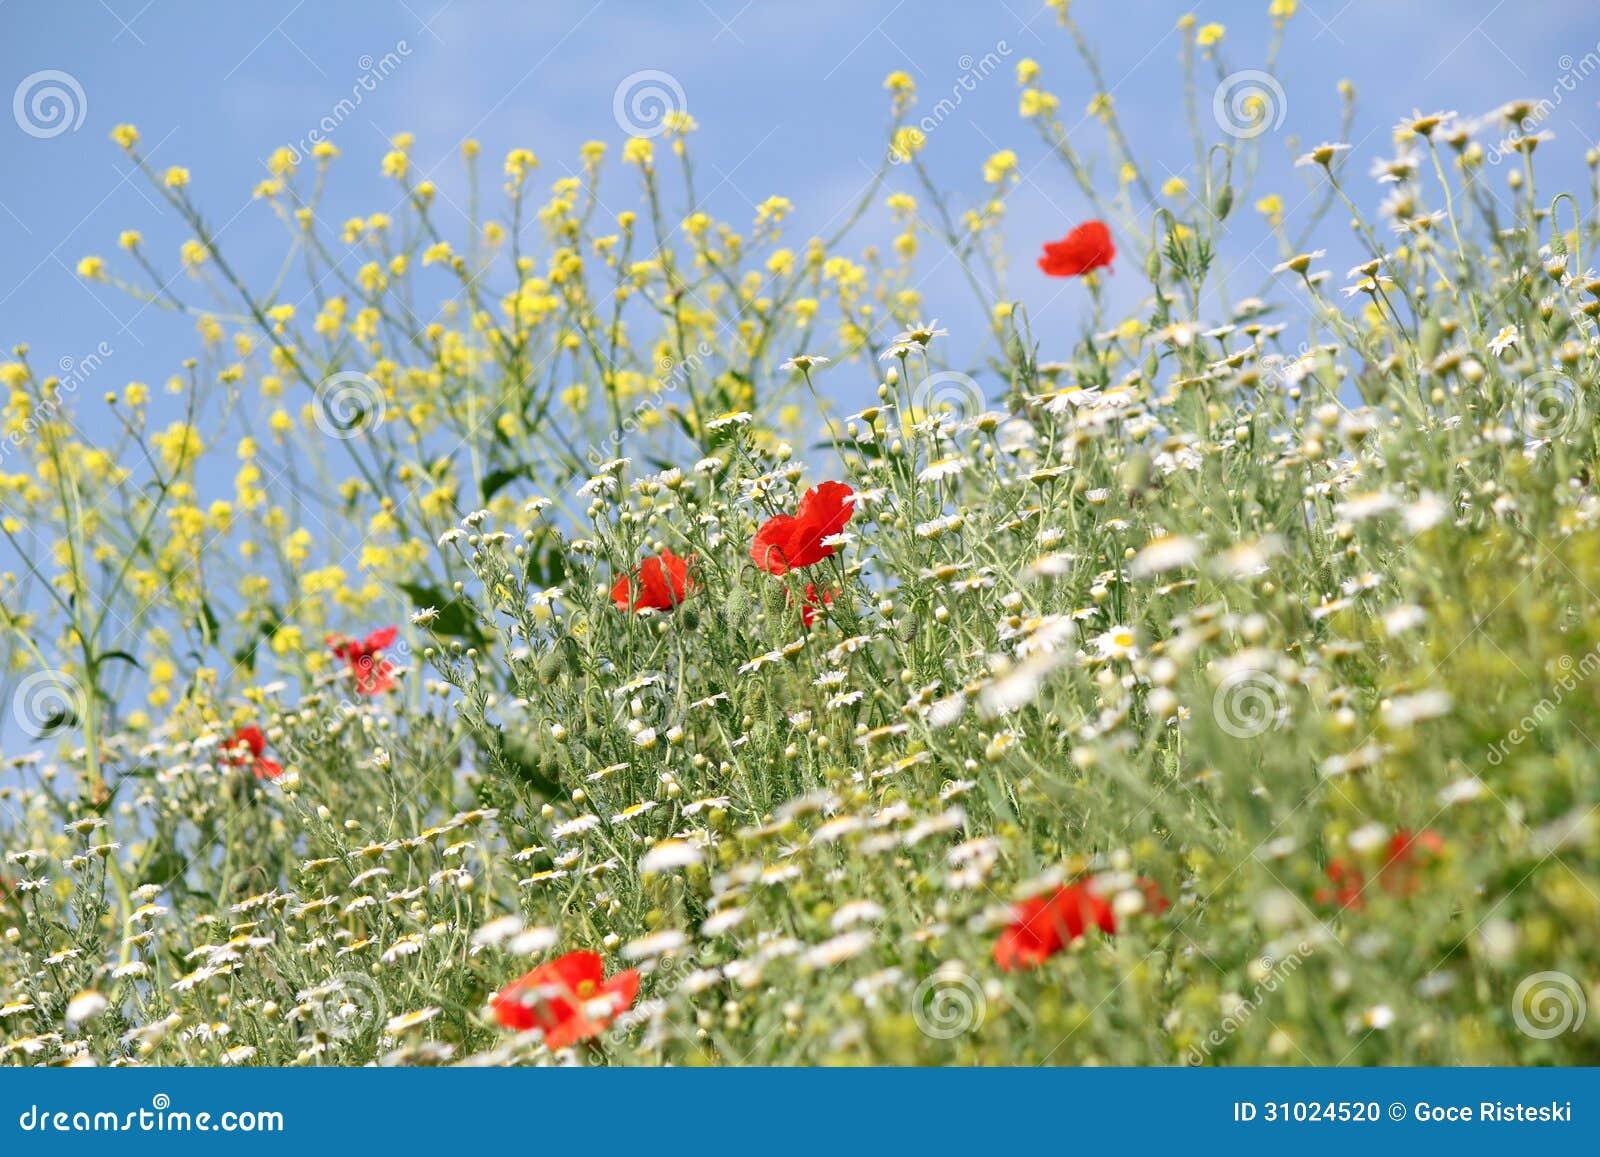 Prato con i fiori selvaggi fotografia stock immagine di for Fiori con la p